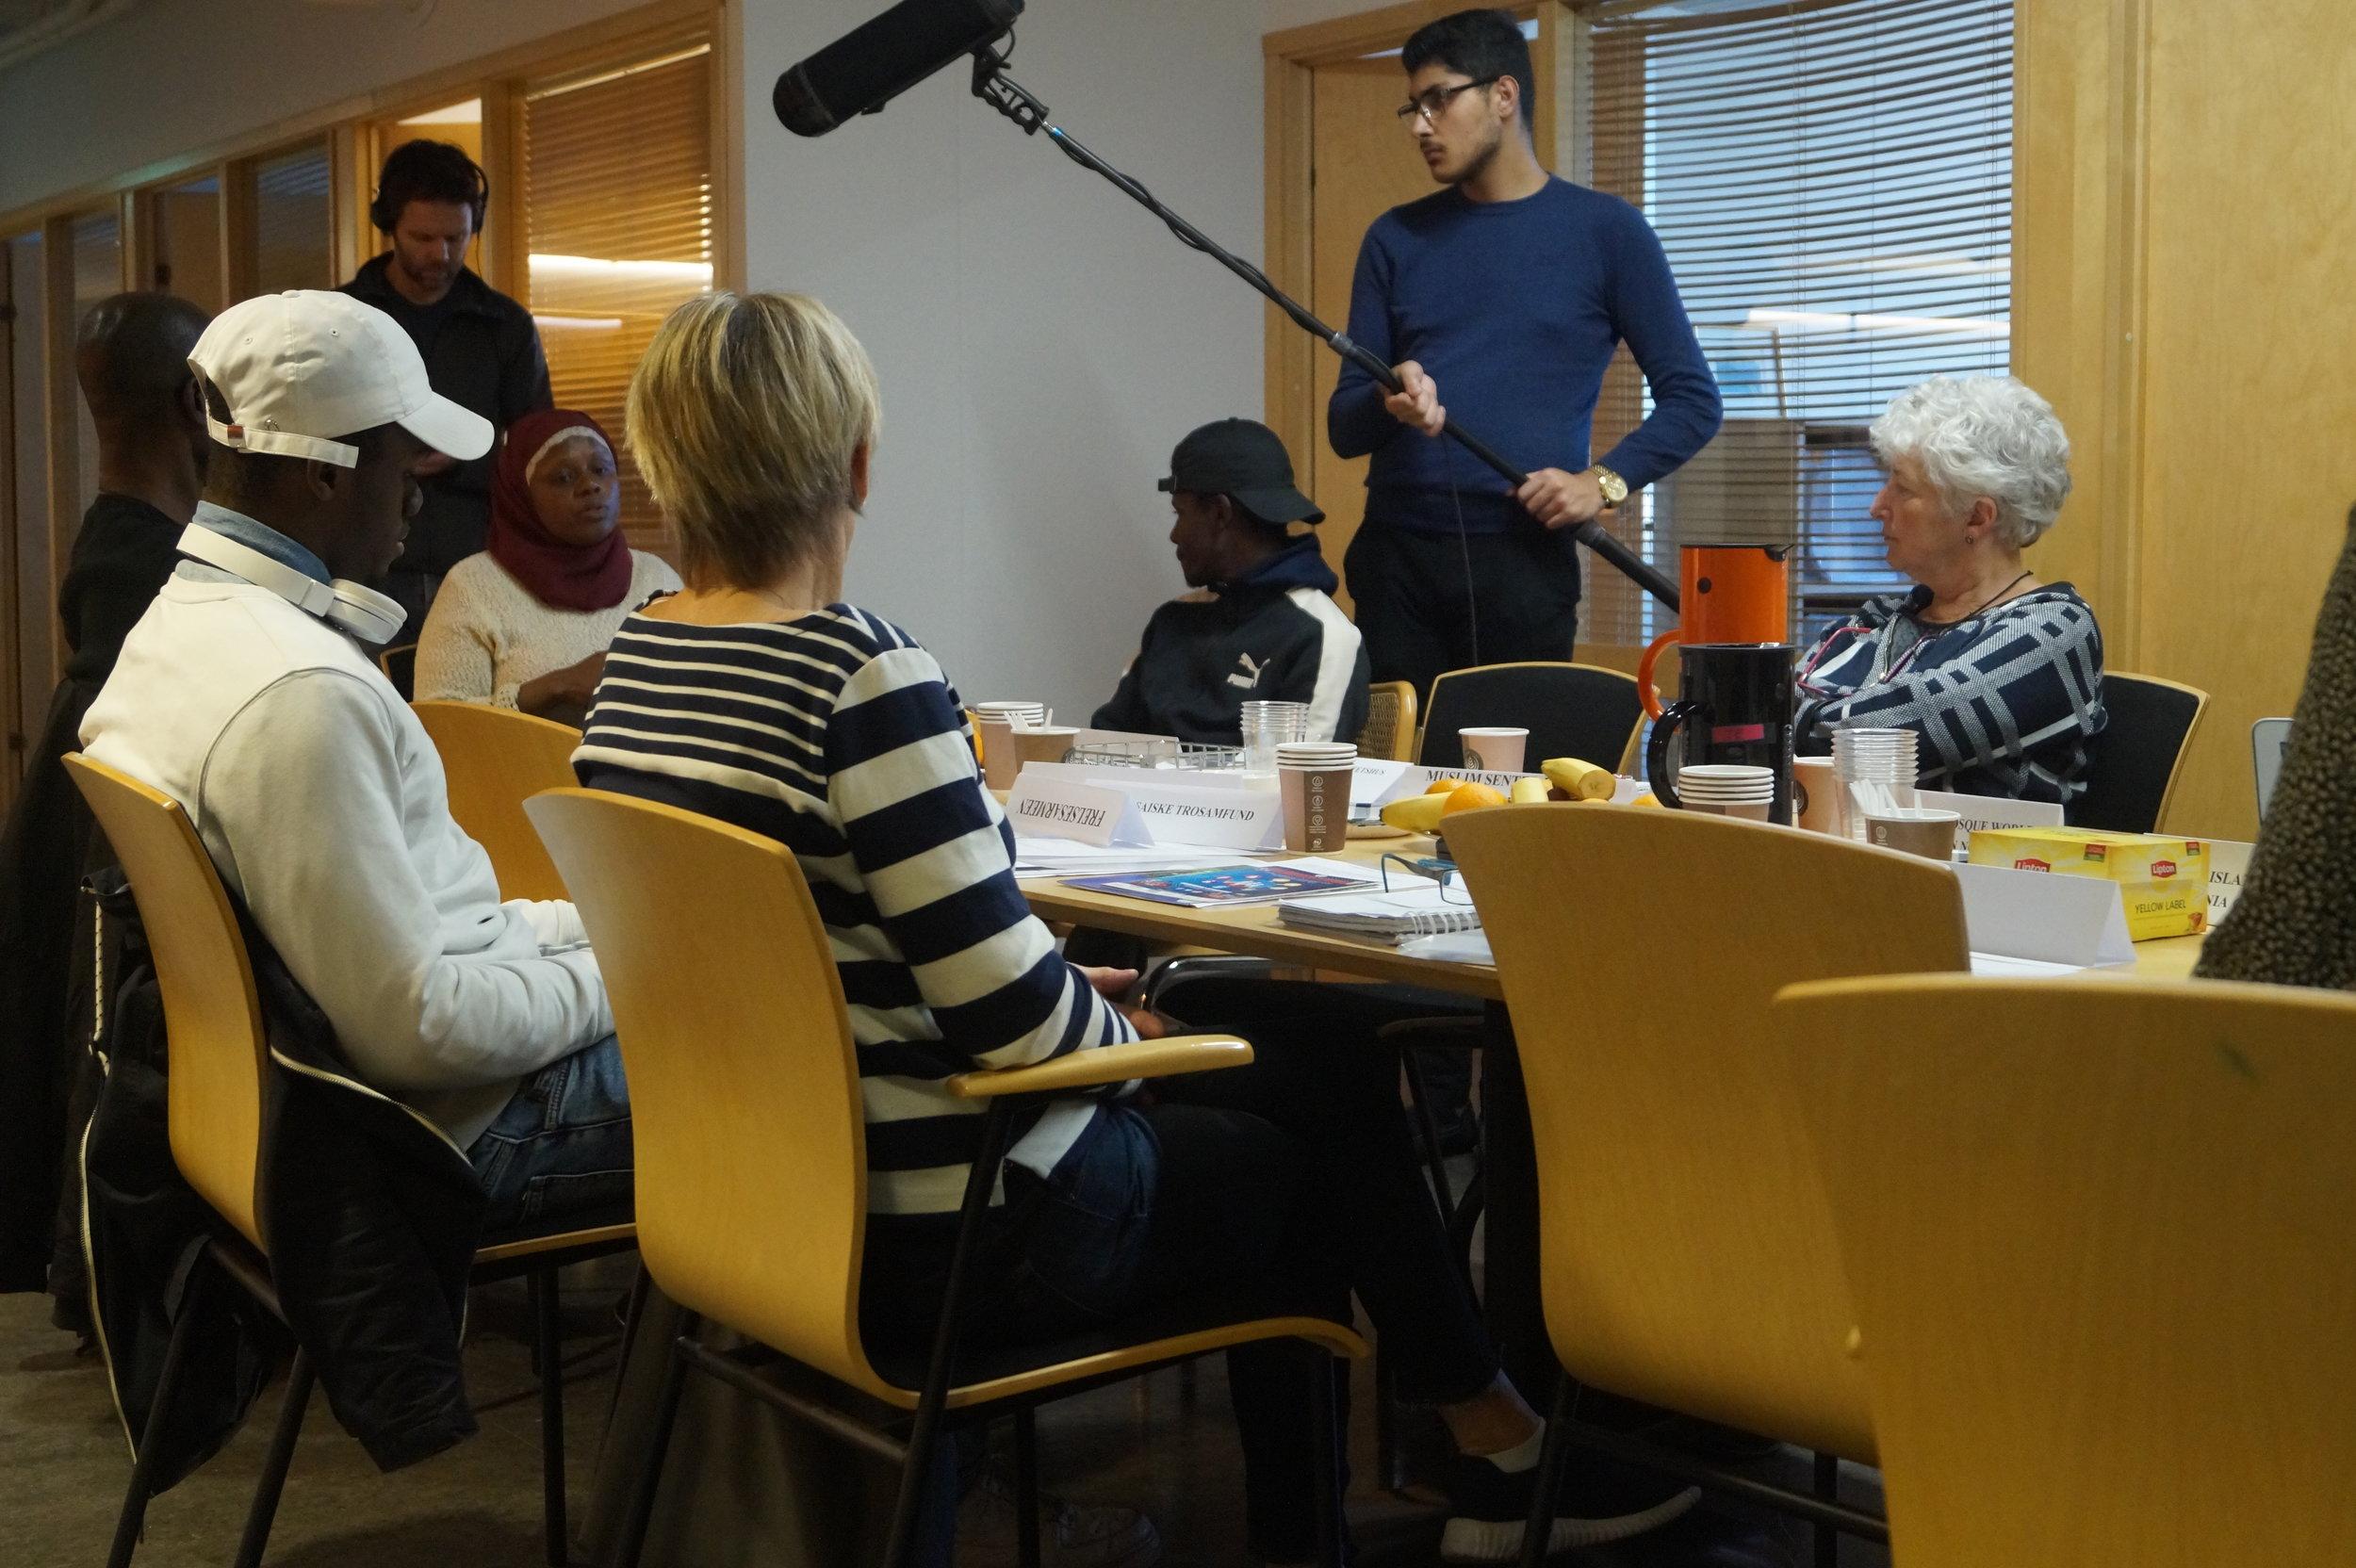 Første samarbeidsmøte med Abloom ifb med prosjekt Abloom bryter ned tabuer